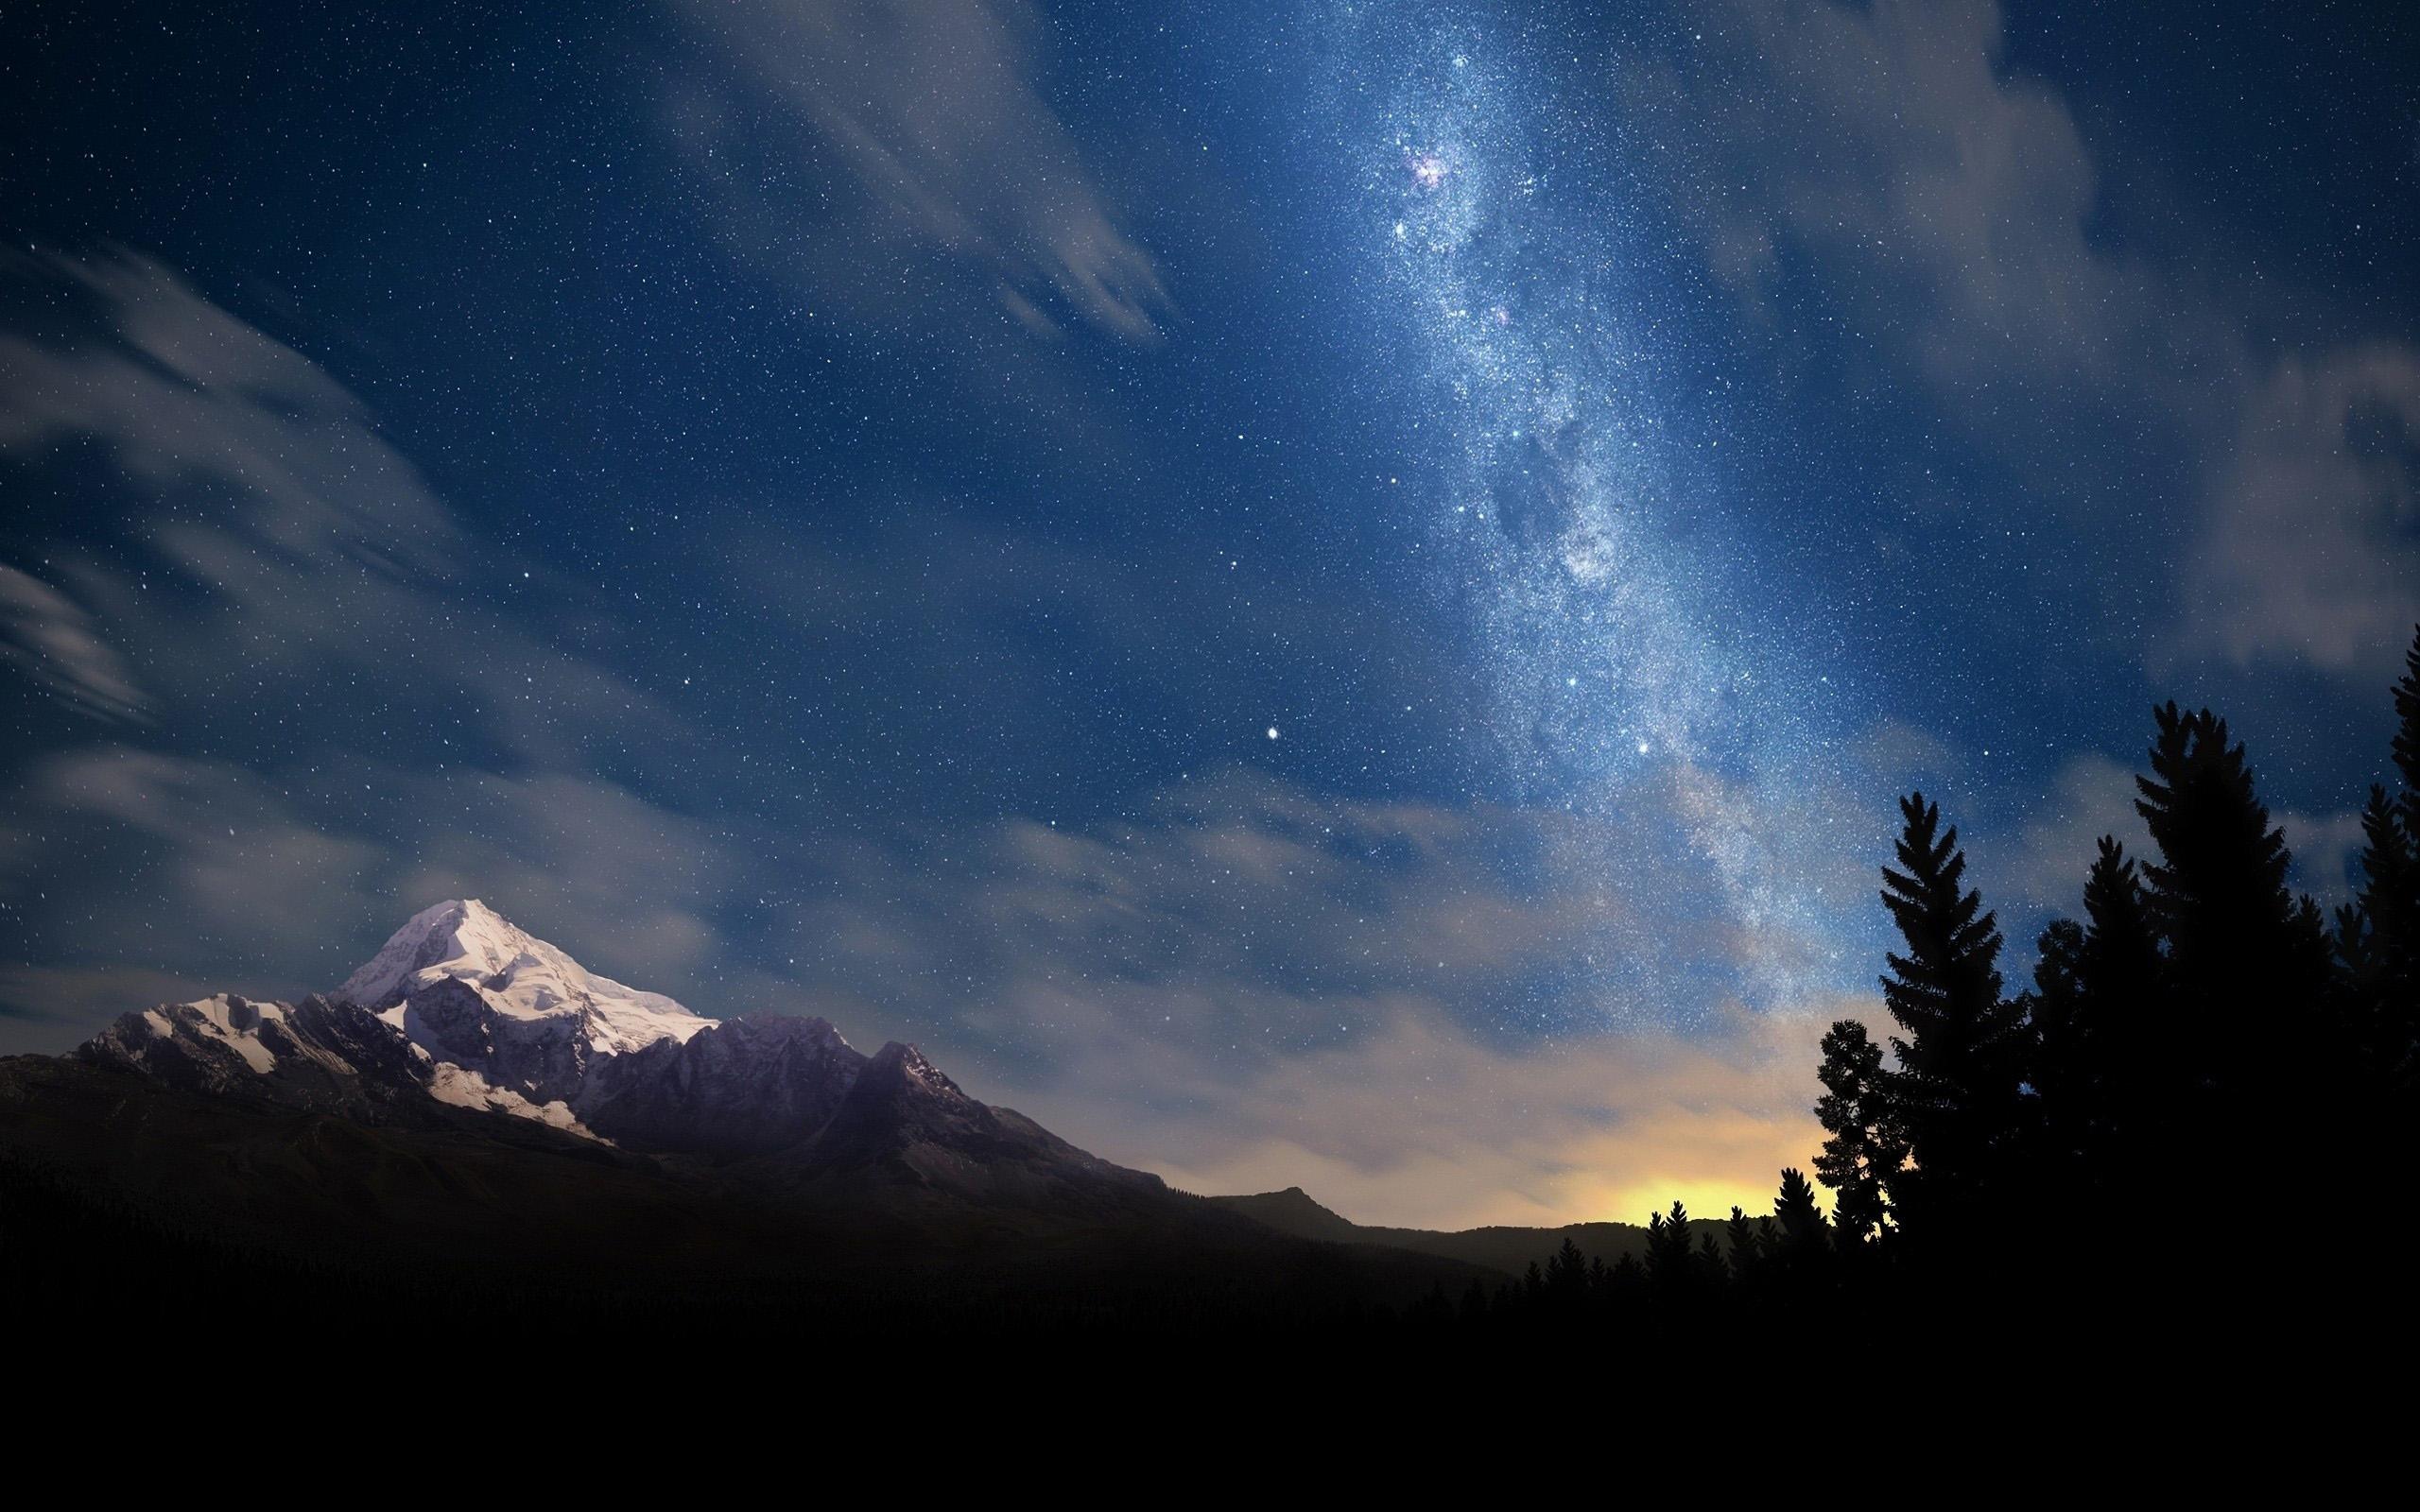 night sky wallpaper 11301